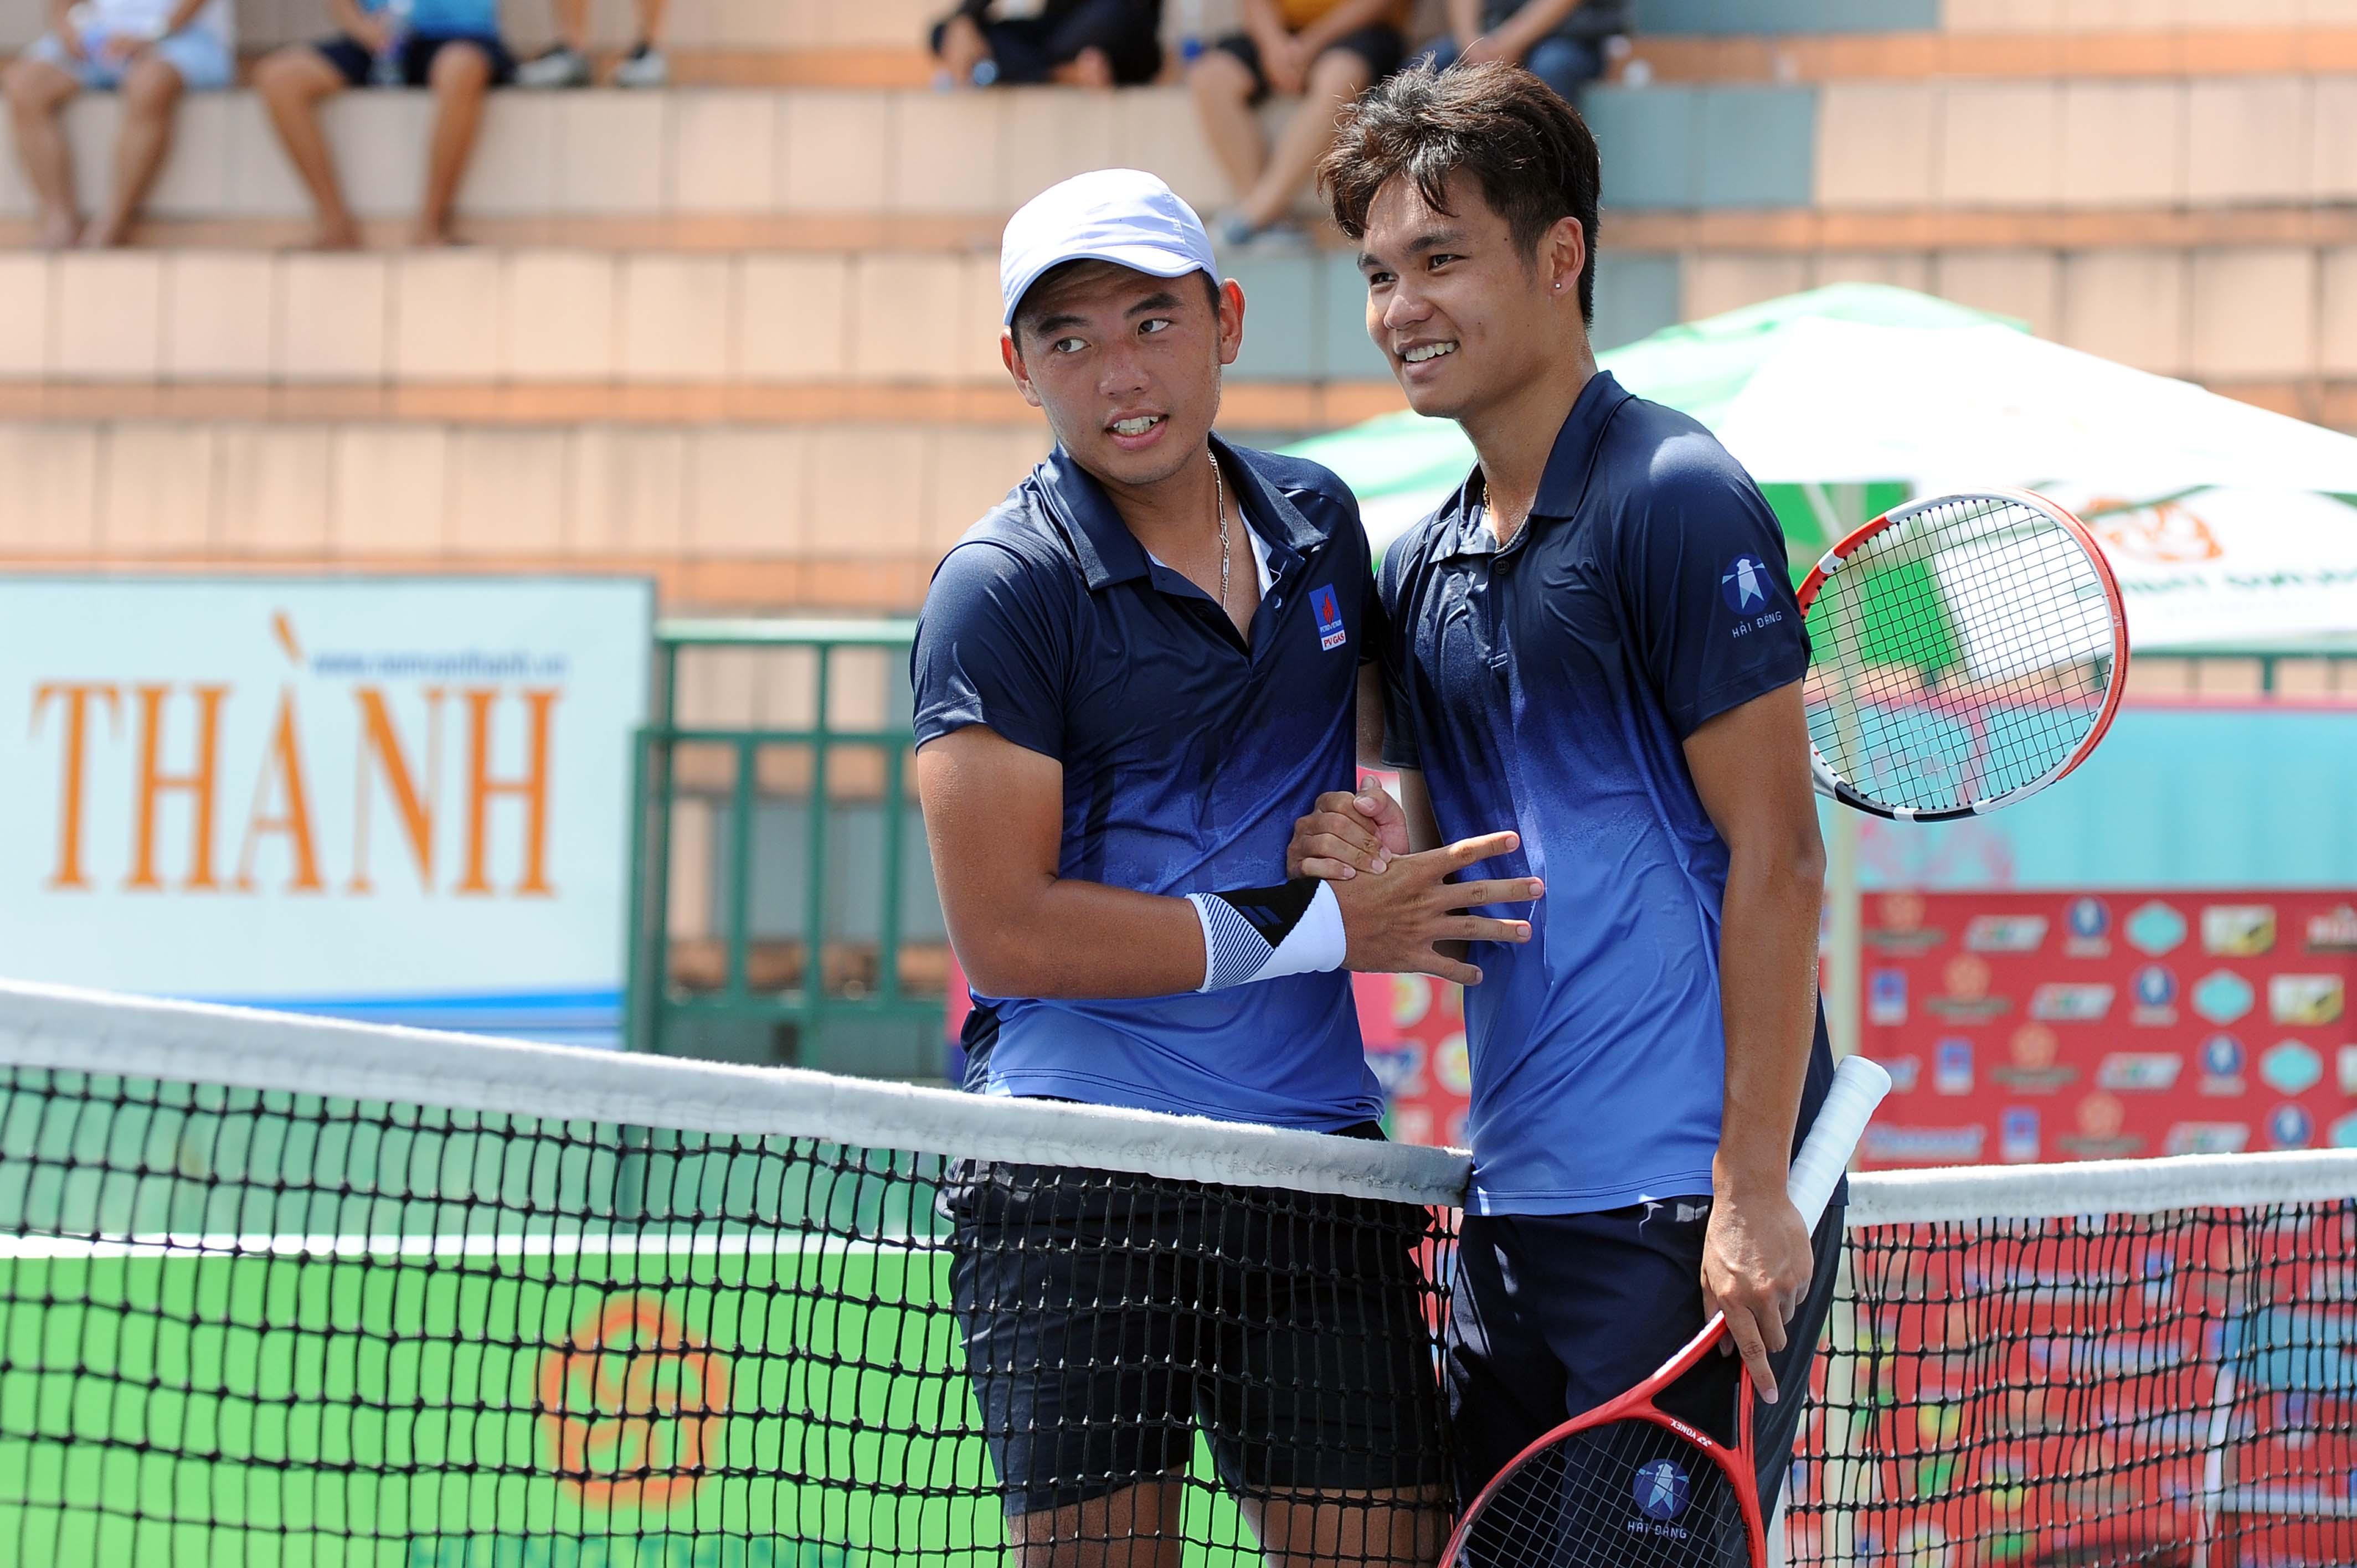 Hình ảnh: Giải quần vợt Vô địch Quốc gia – Cúp Hưng Thịnh năm 2020:  Lý Hoàng Nam giành  3 trên 7 HCV số 1